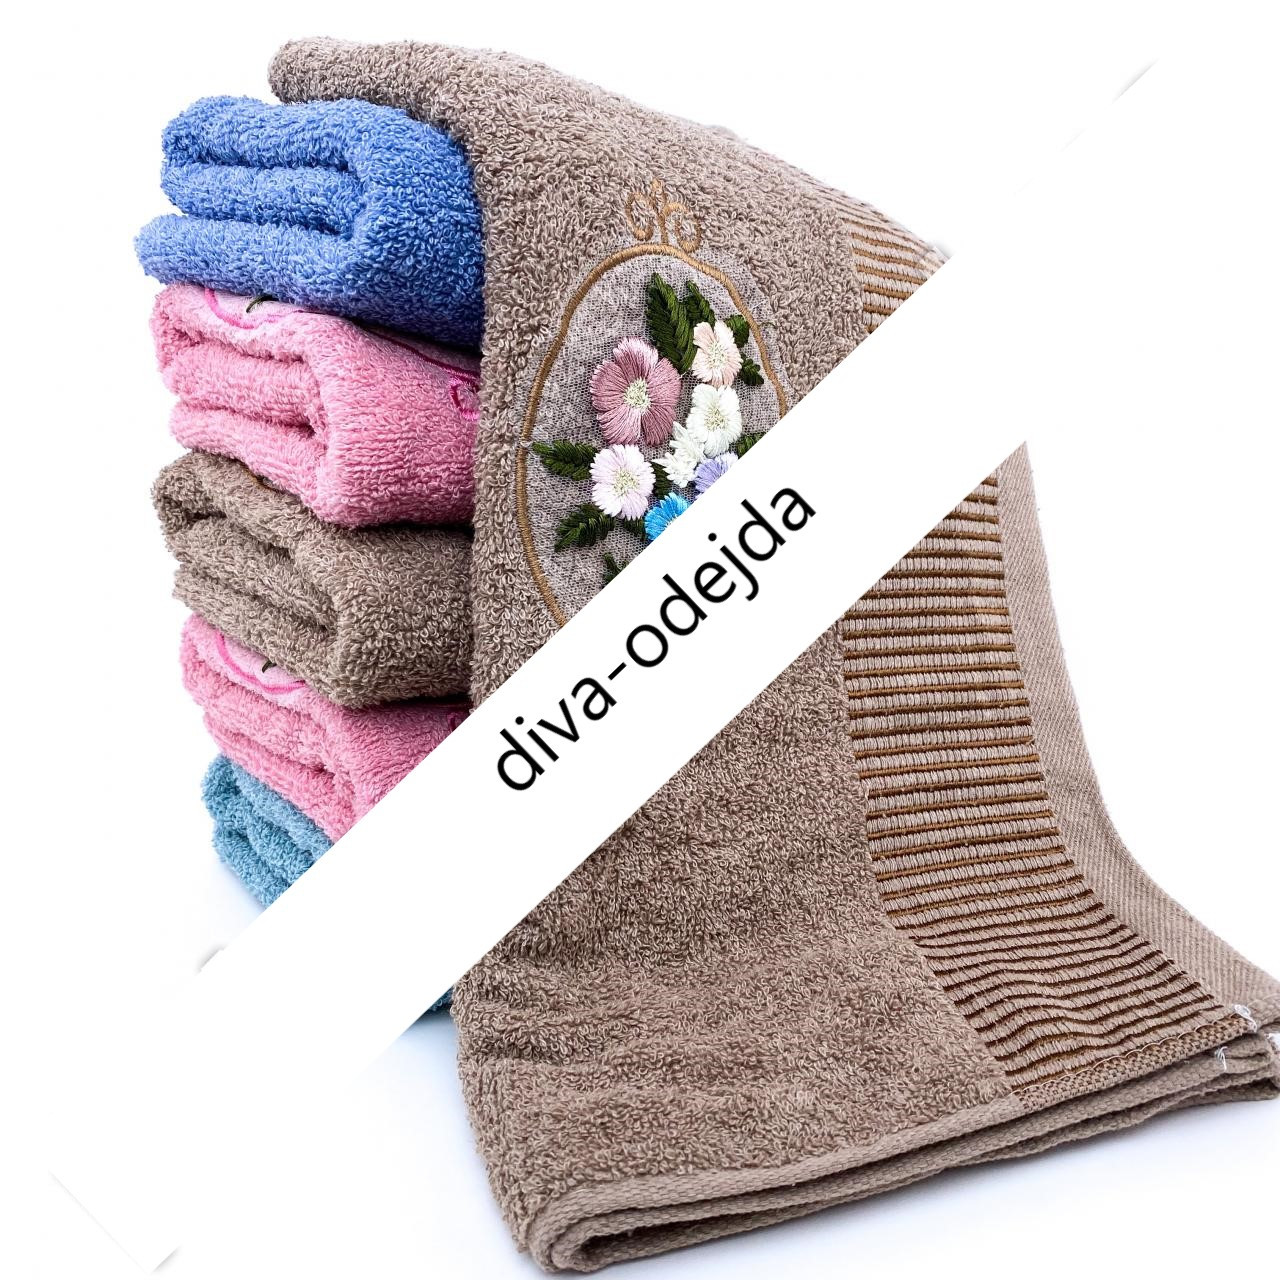 Банное полотенце с цветочной нашивкой. Размер:1,4 x 0,7